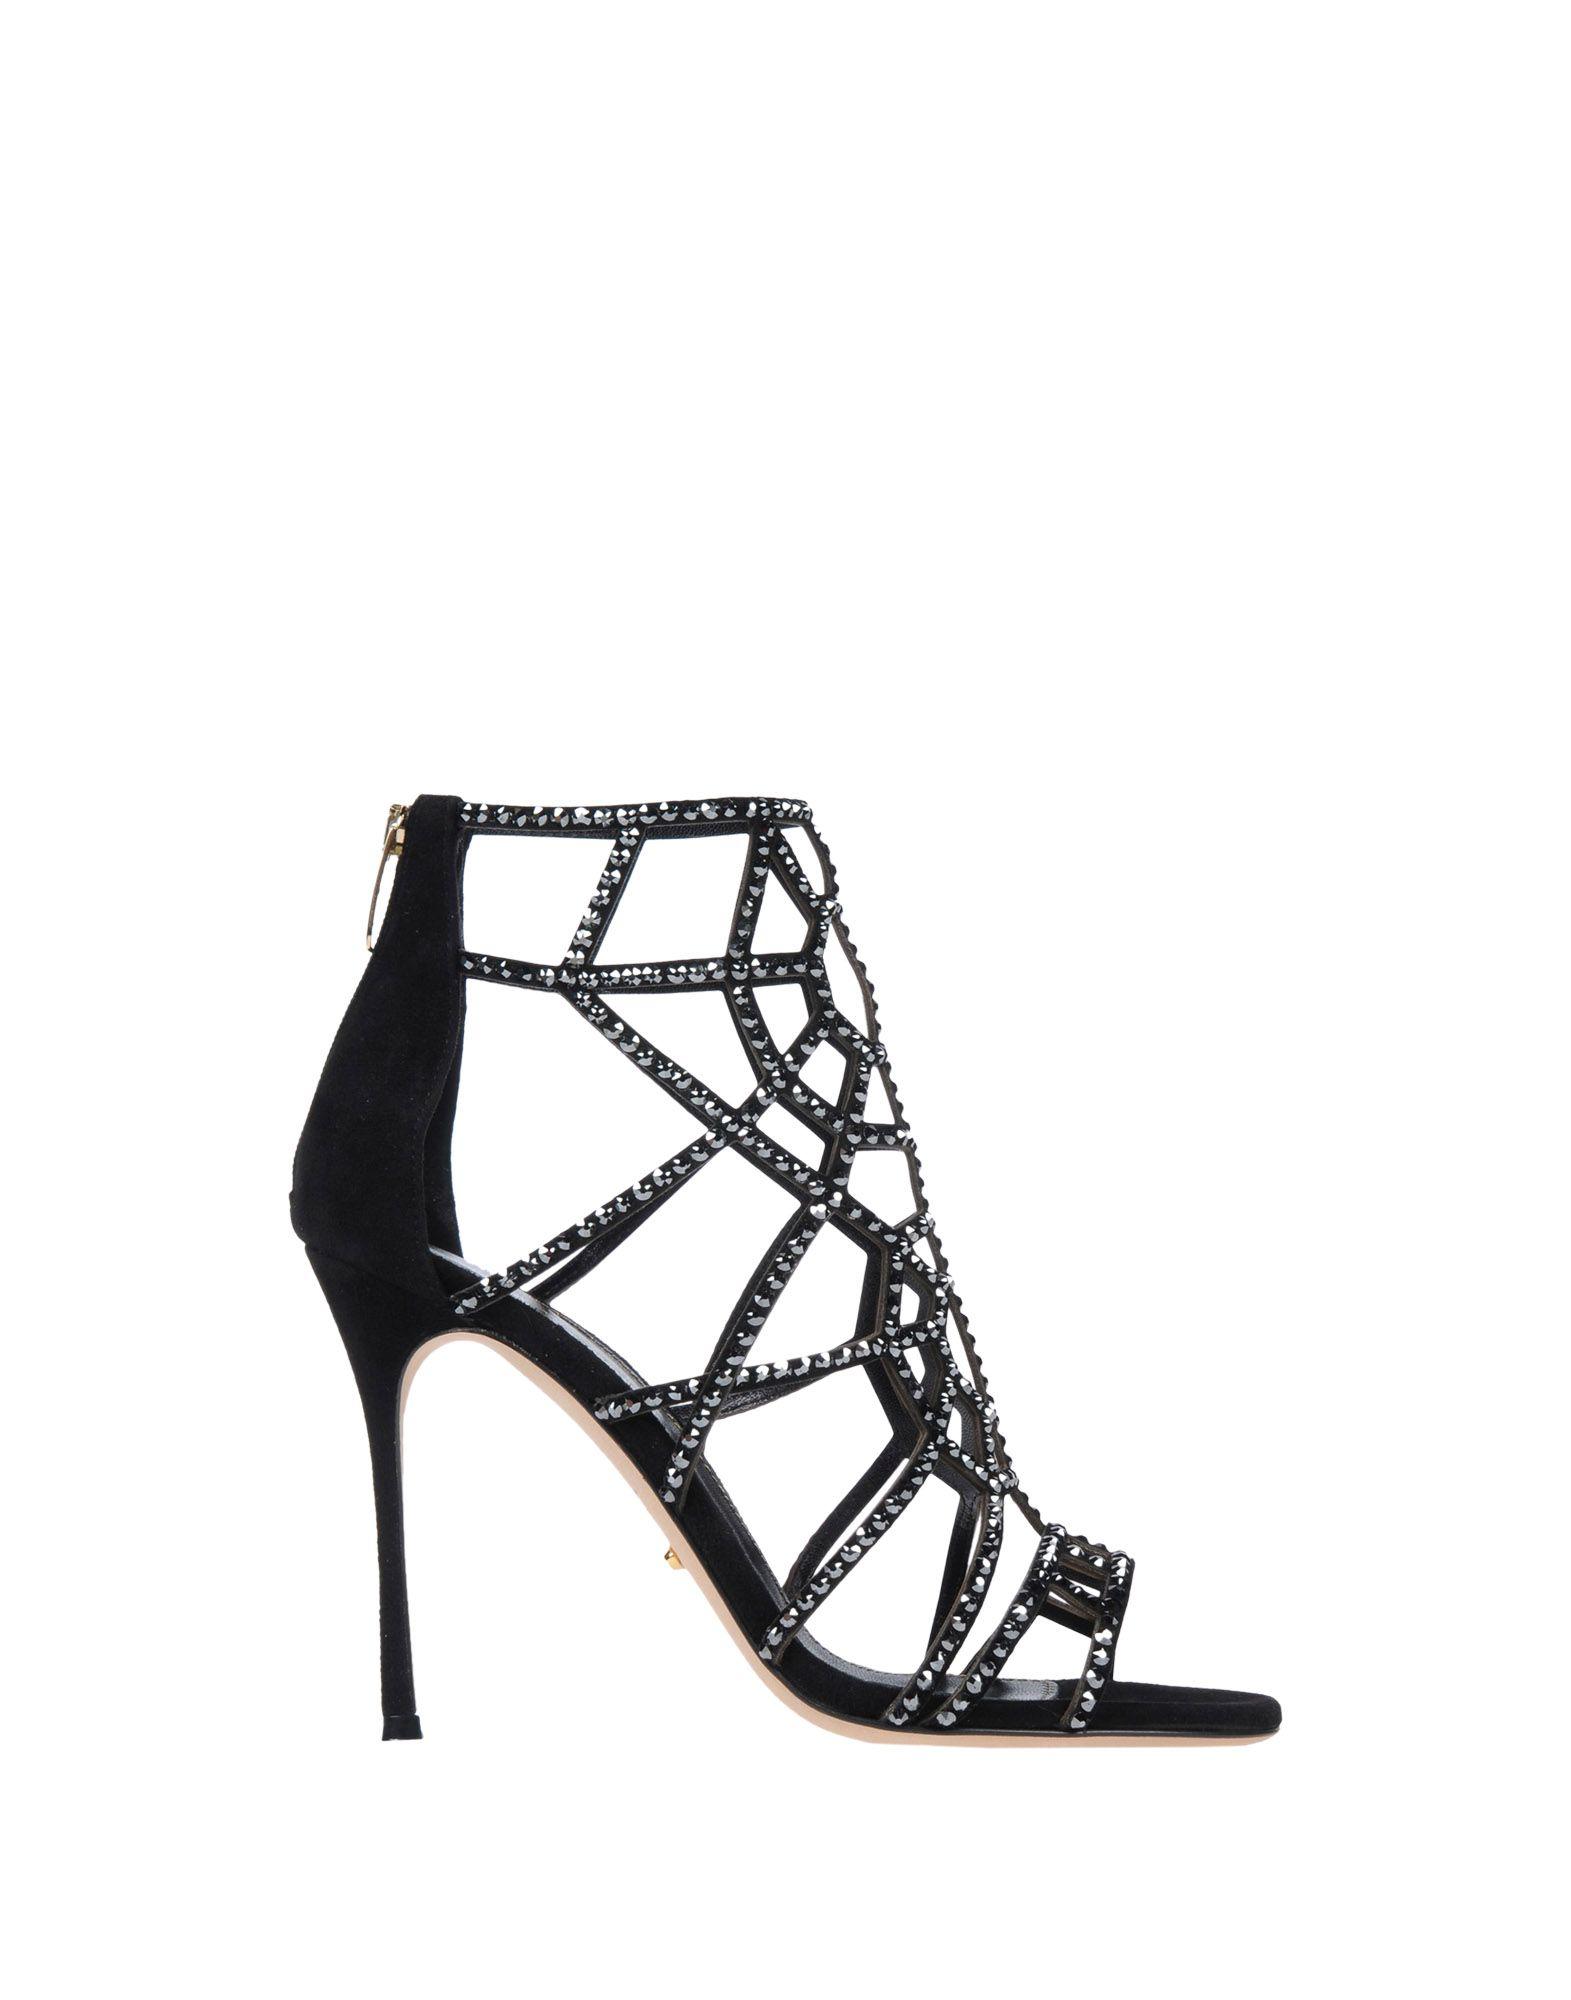 Sergio Rossi Sandalen Damen Schuhe  11456313ITGünstige gut aussehende Schuhe Damen 840662